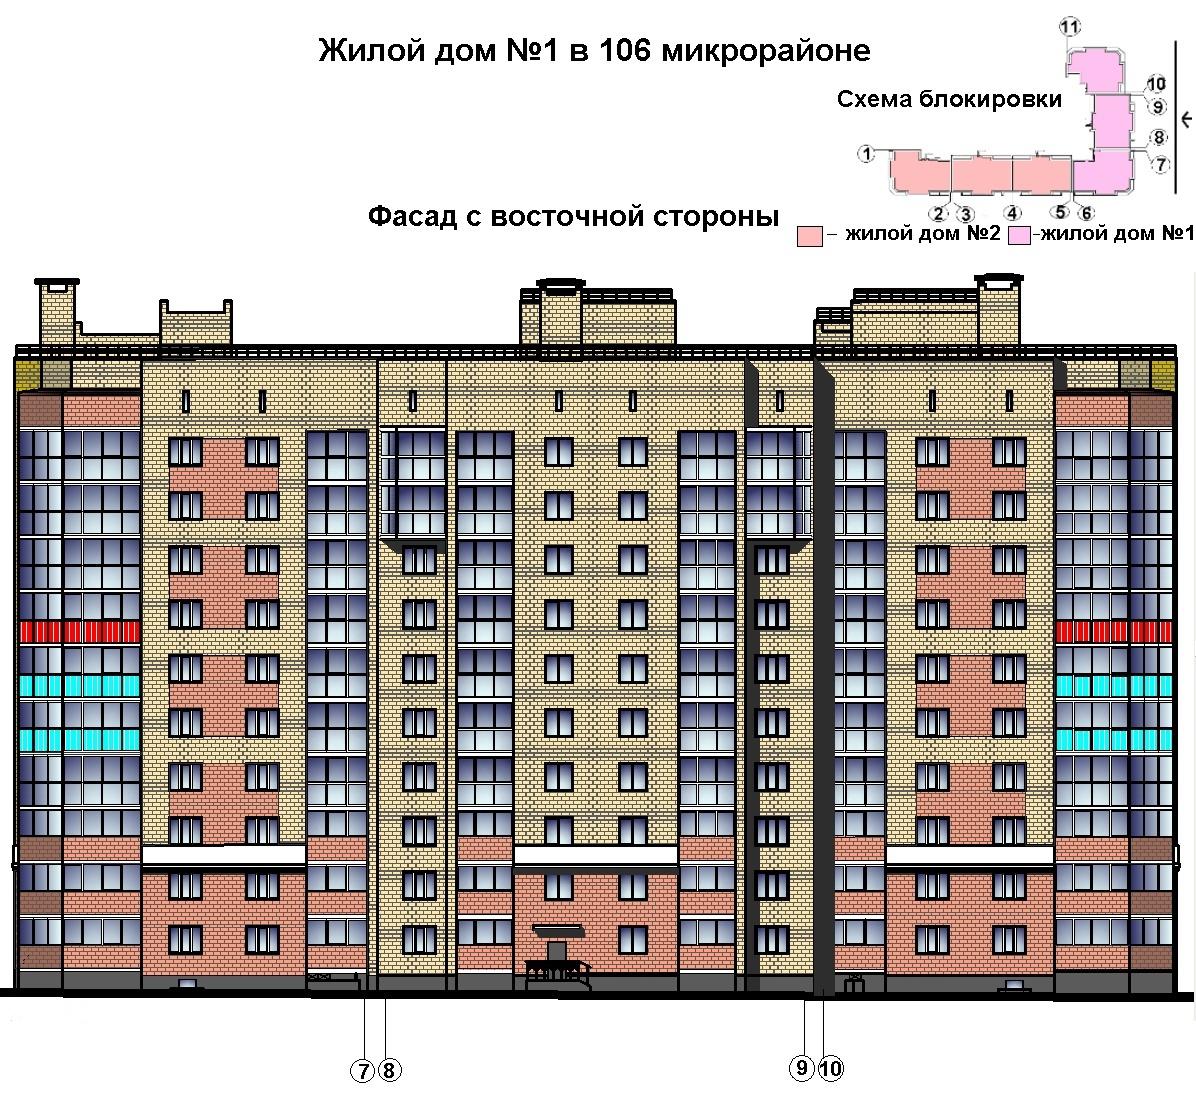 Жилой дом 1 (фасады).